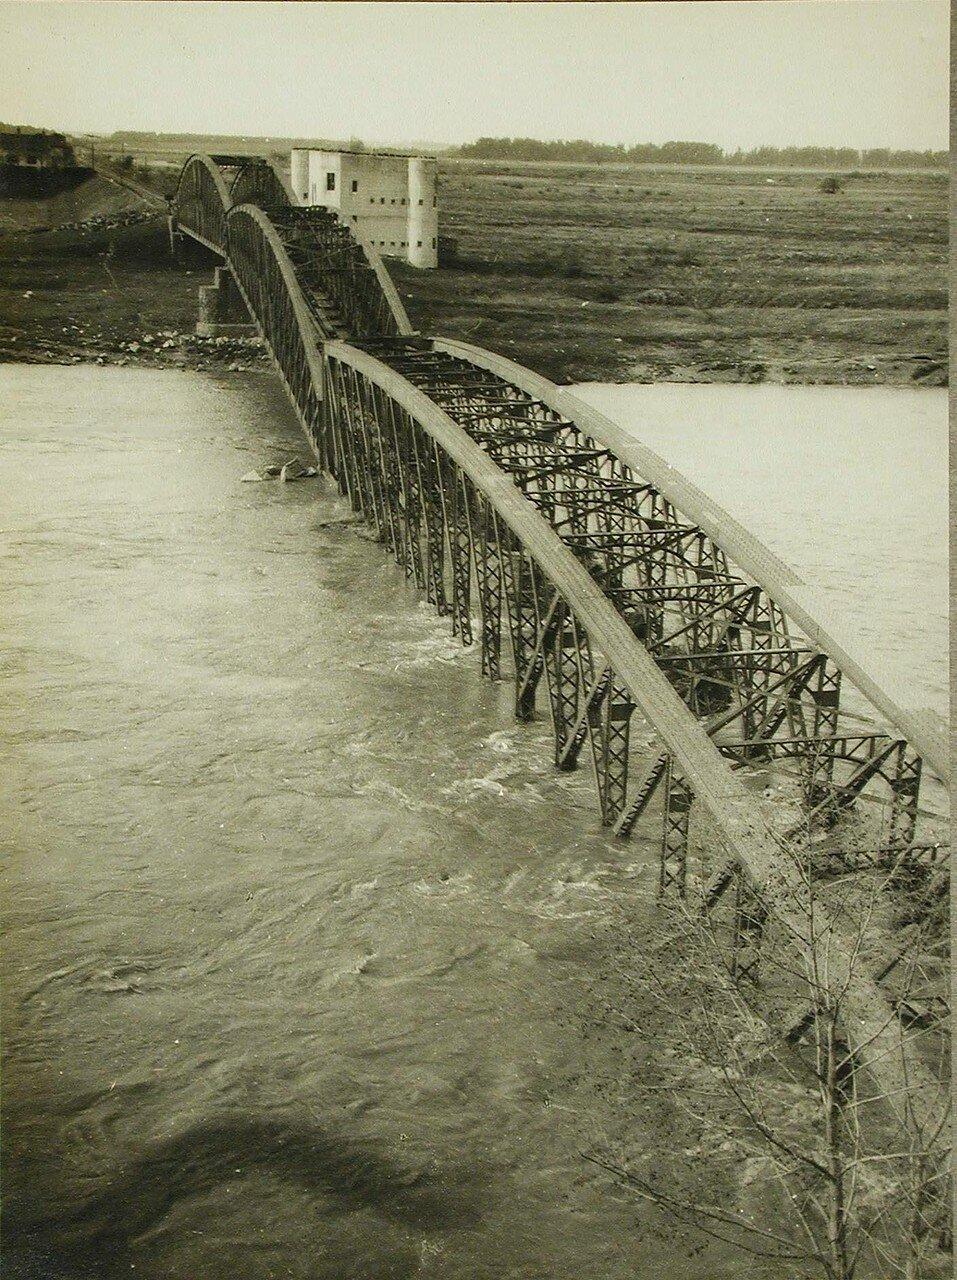 03. Вид части разрушенного железнодорожного моста через Днестр